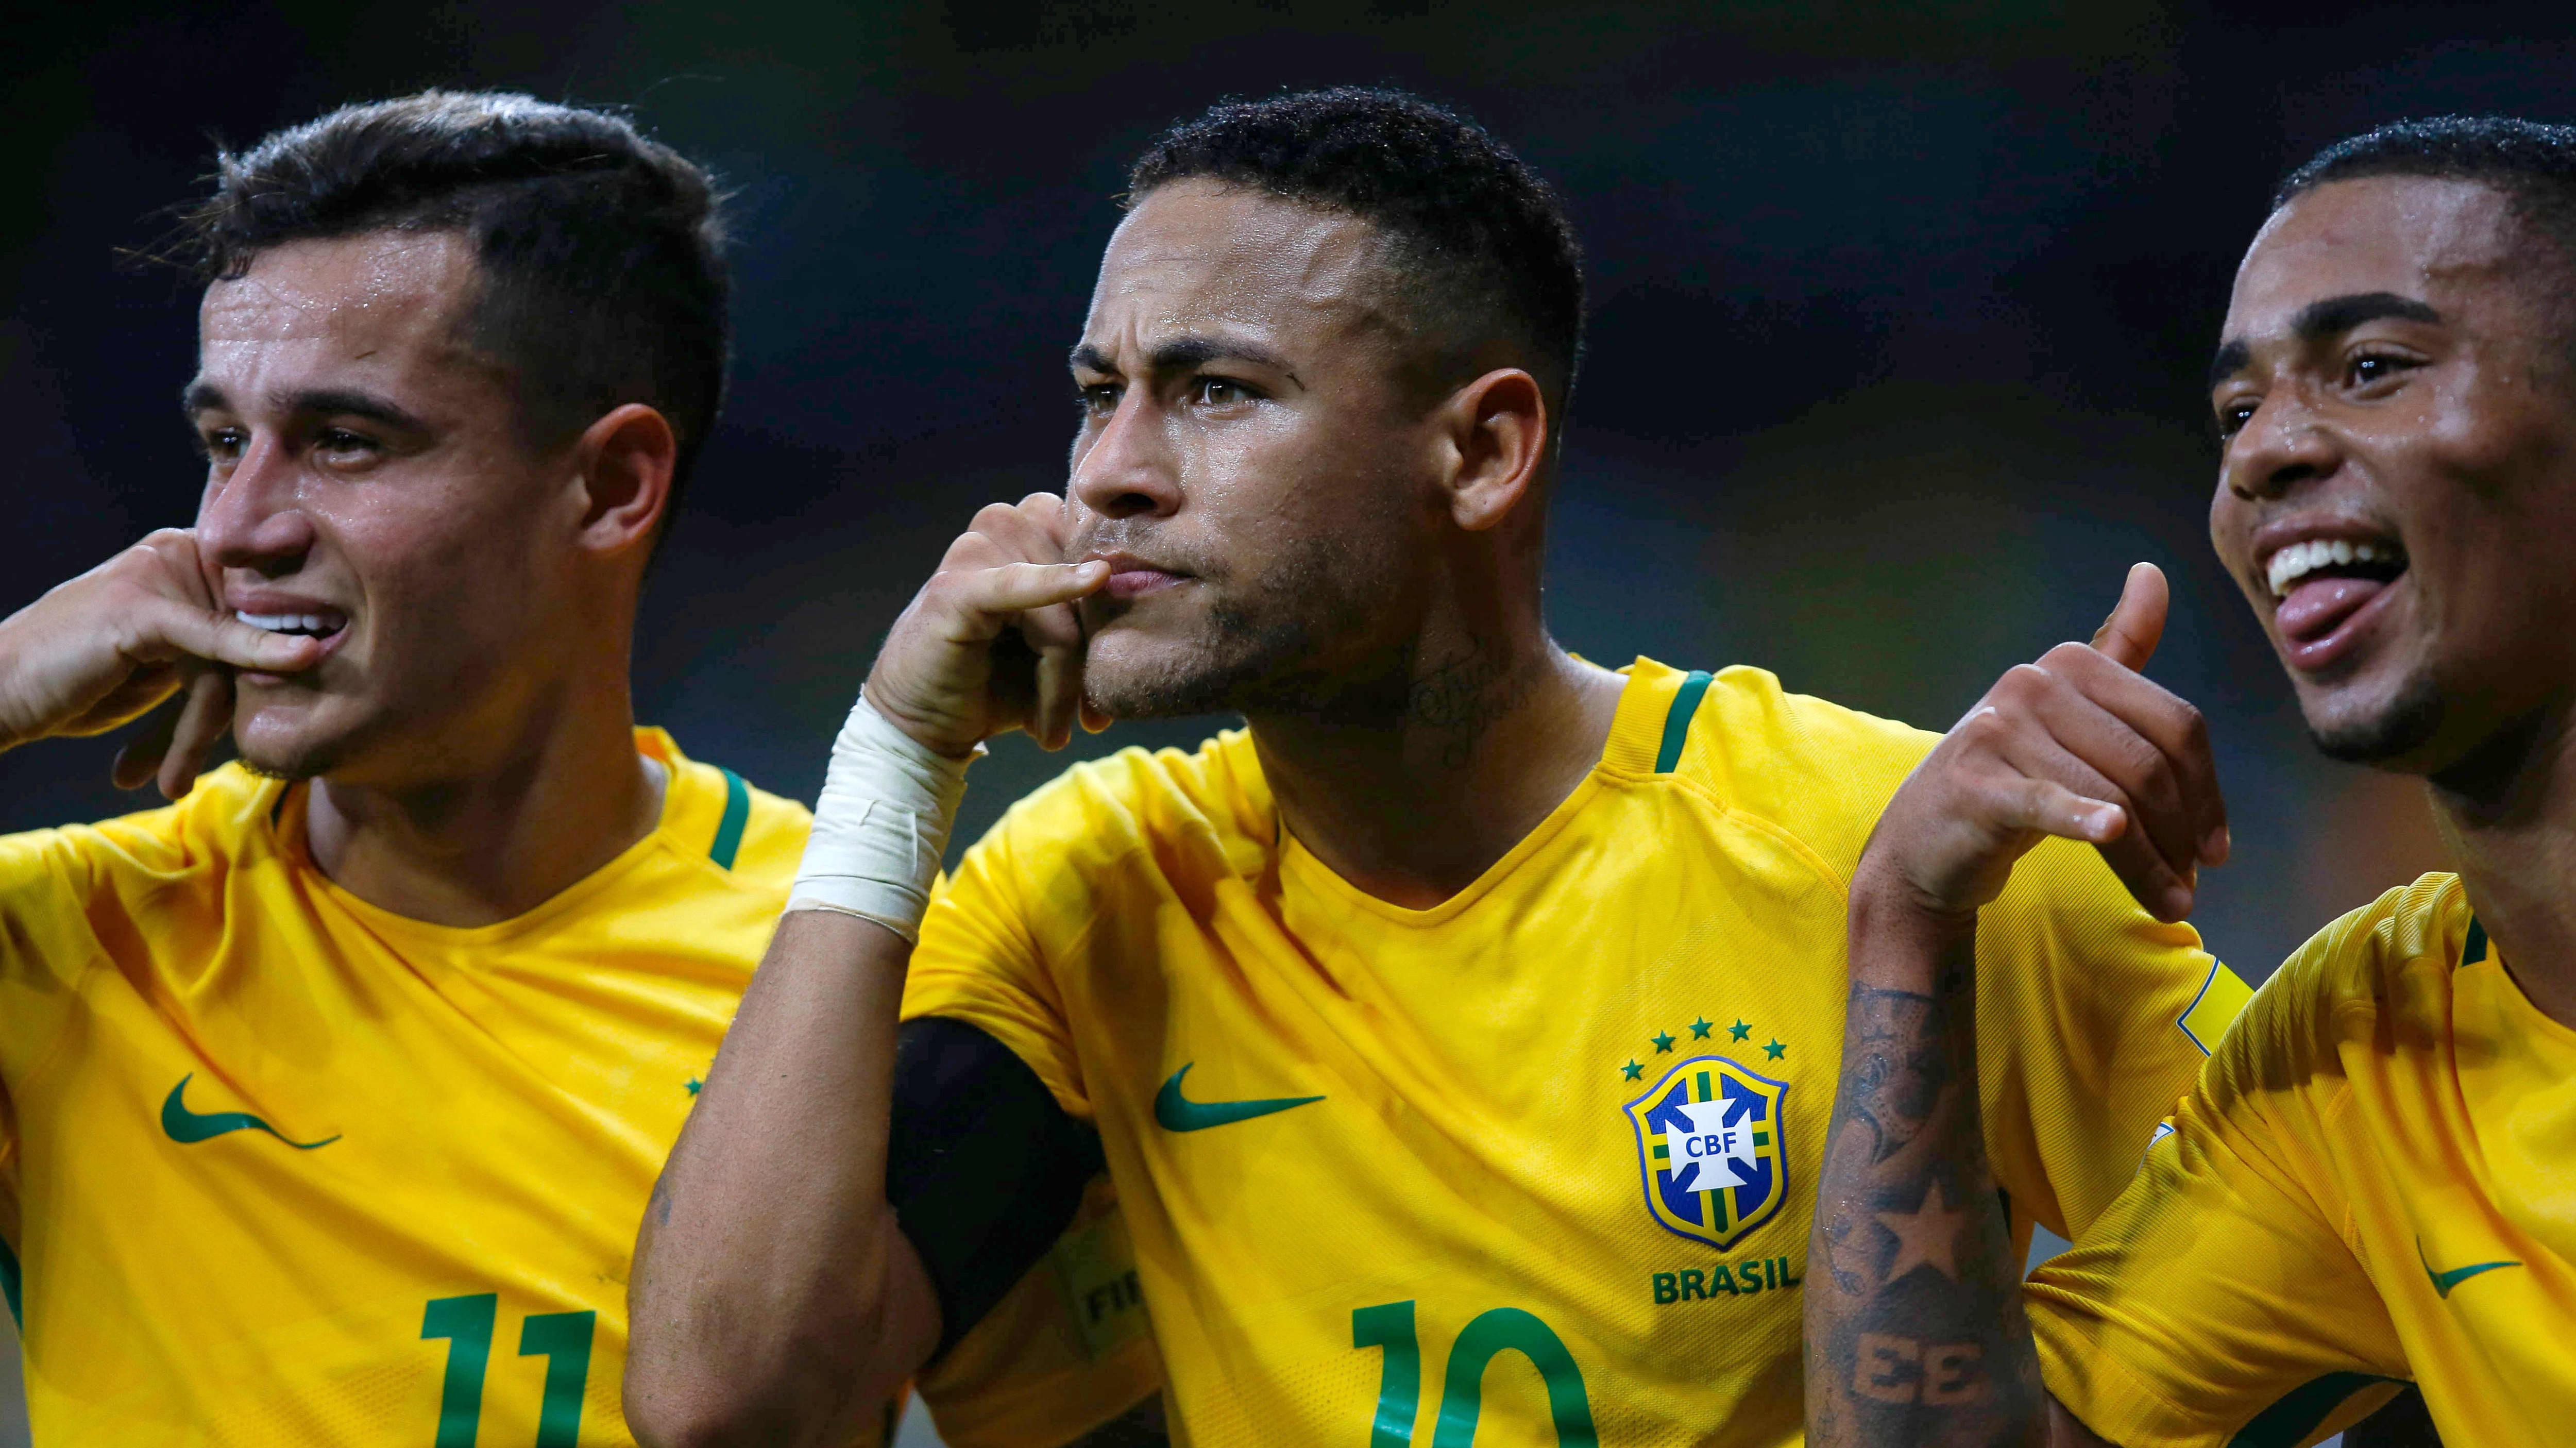 Neymar är en fotbollsstjärna i Brasilien.